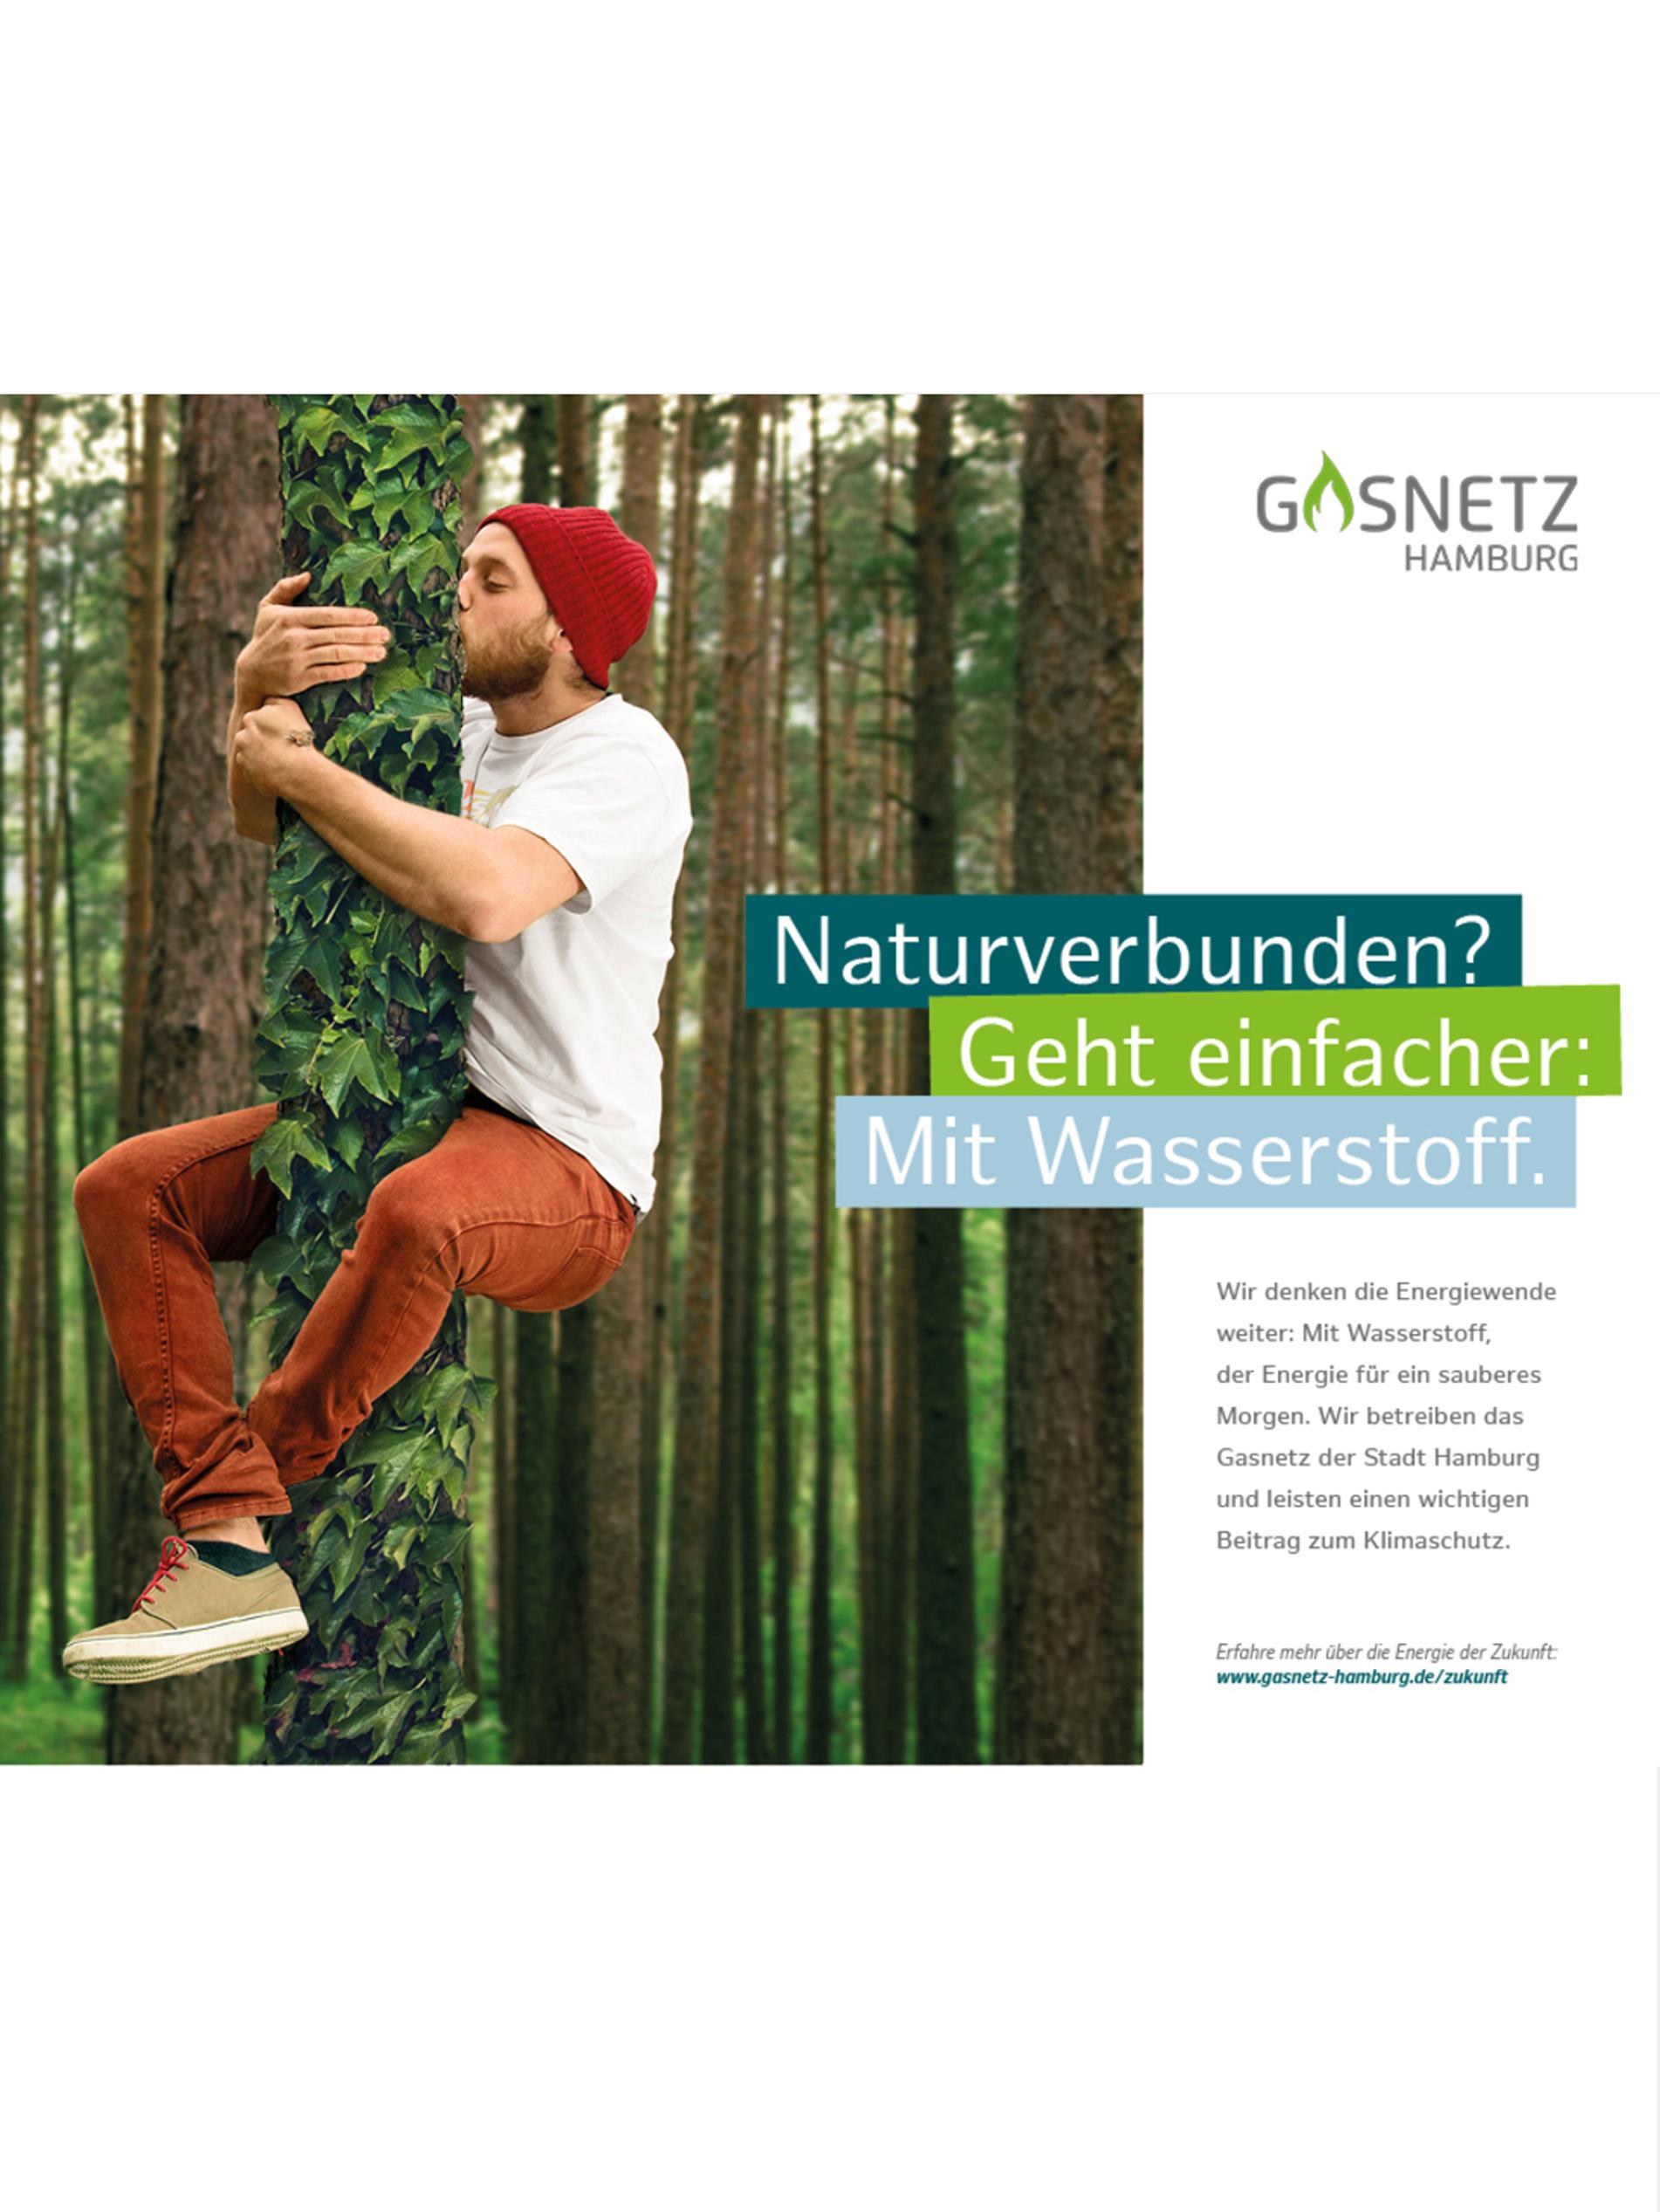 Gasnetz Hamburg blickt auf die Chancen von Wasserstoff: Kampagne mit TERRITORY